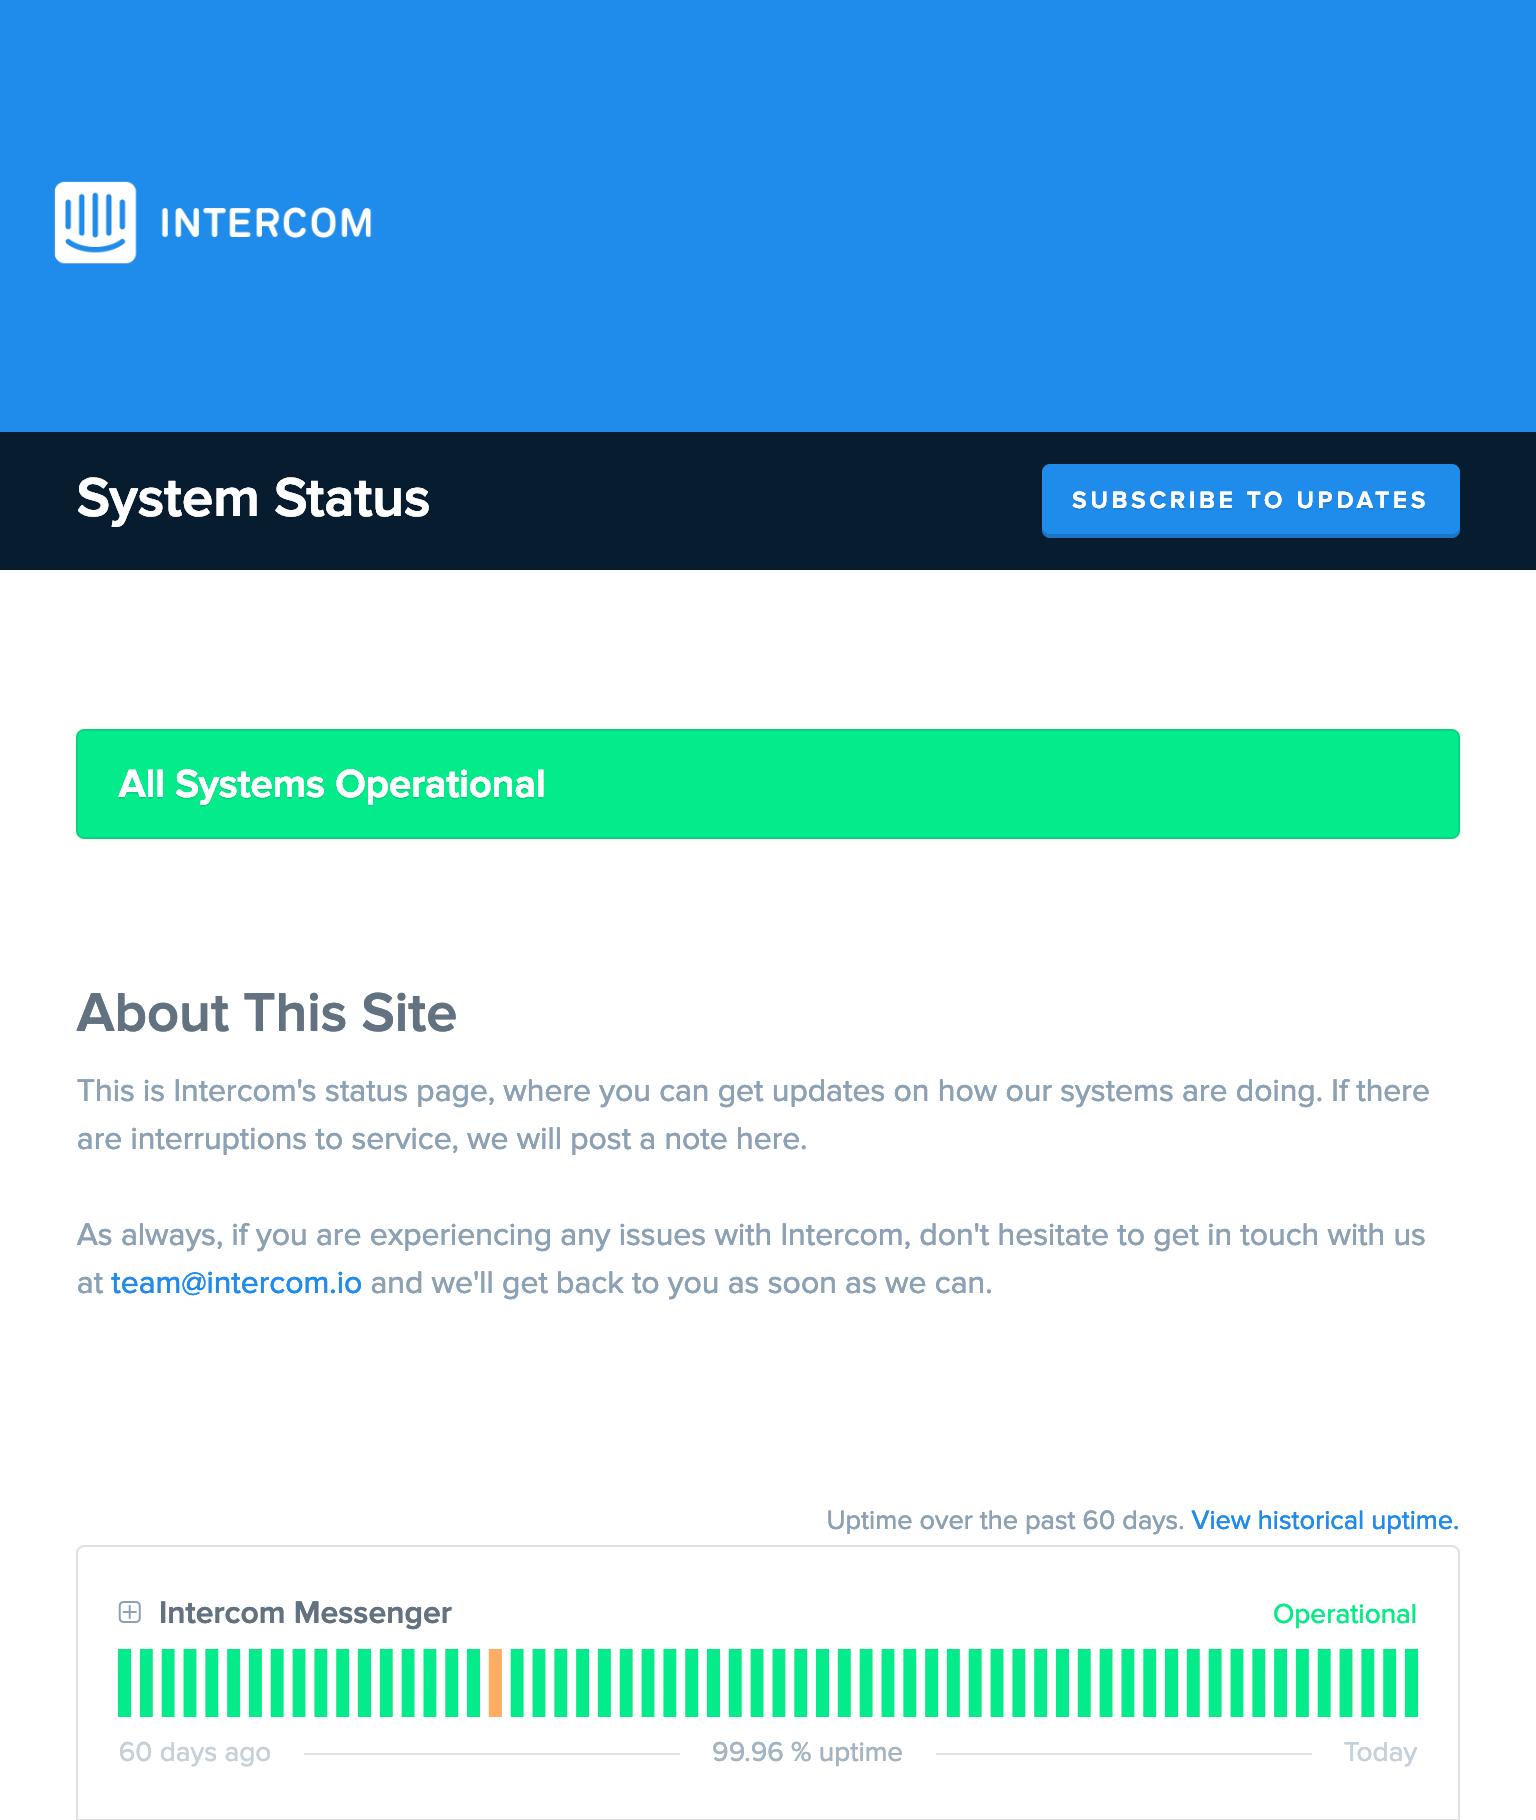 Список статусов Intercom